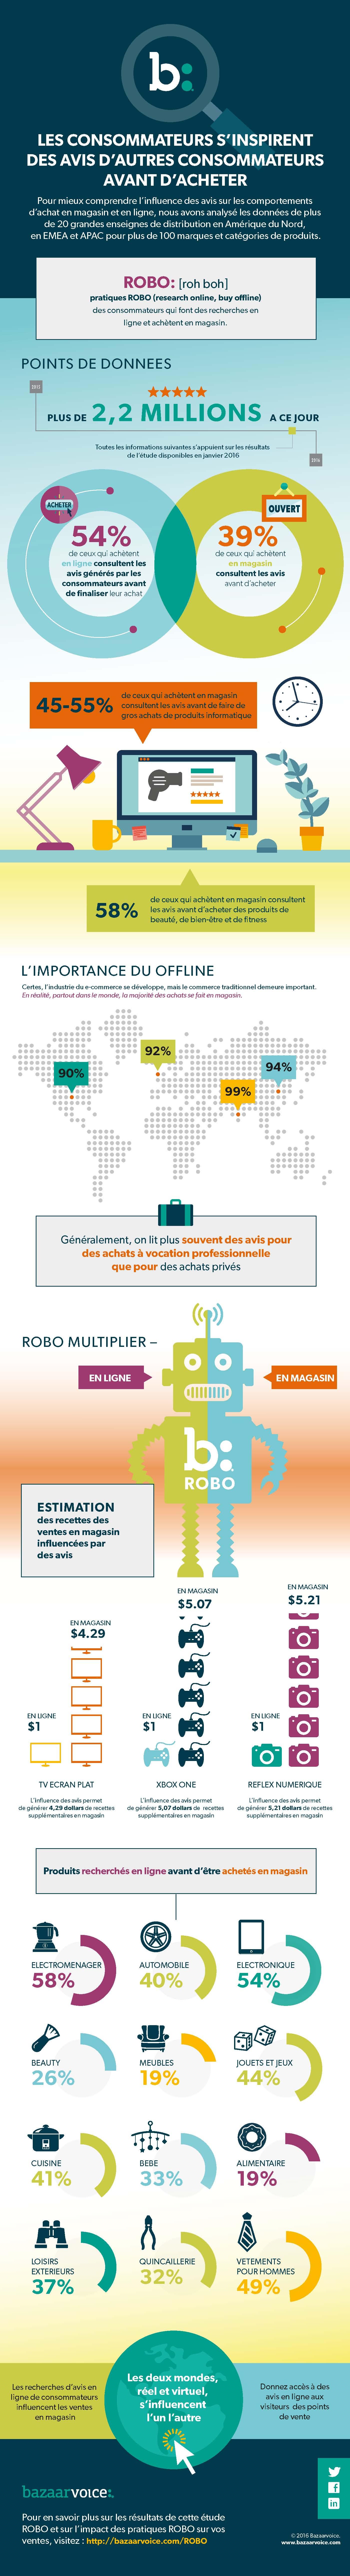 Infographie Bazaarvoice - Etude ROBO - 06.2016